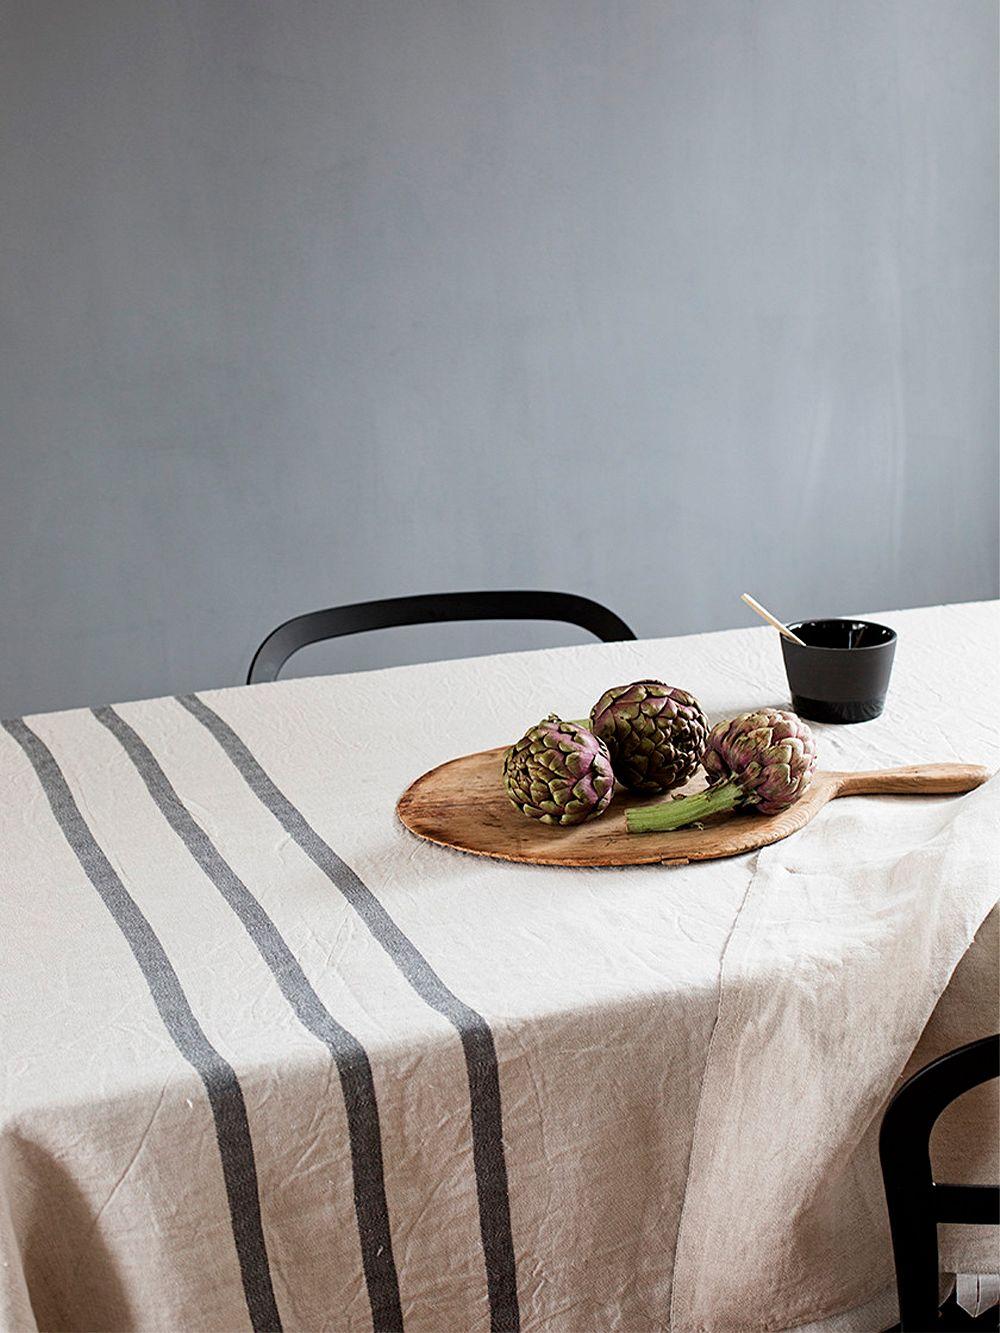 Lapuan Kankurit Usva pöytäliina, 150 x 260 cm, pellava - harmaa